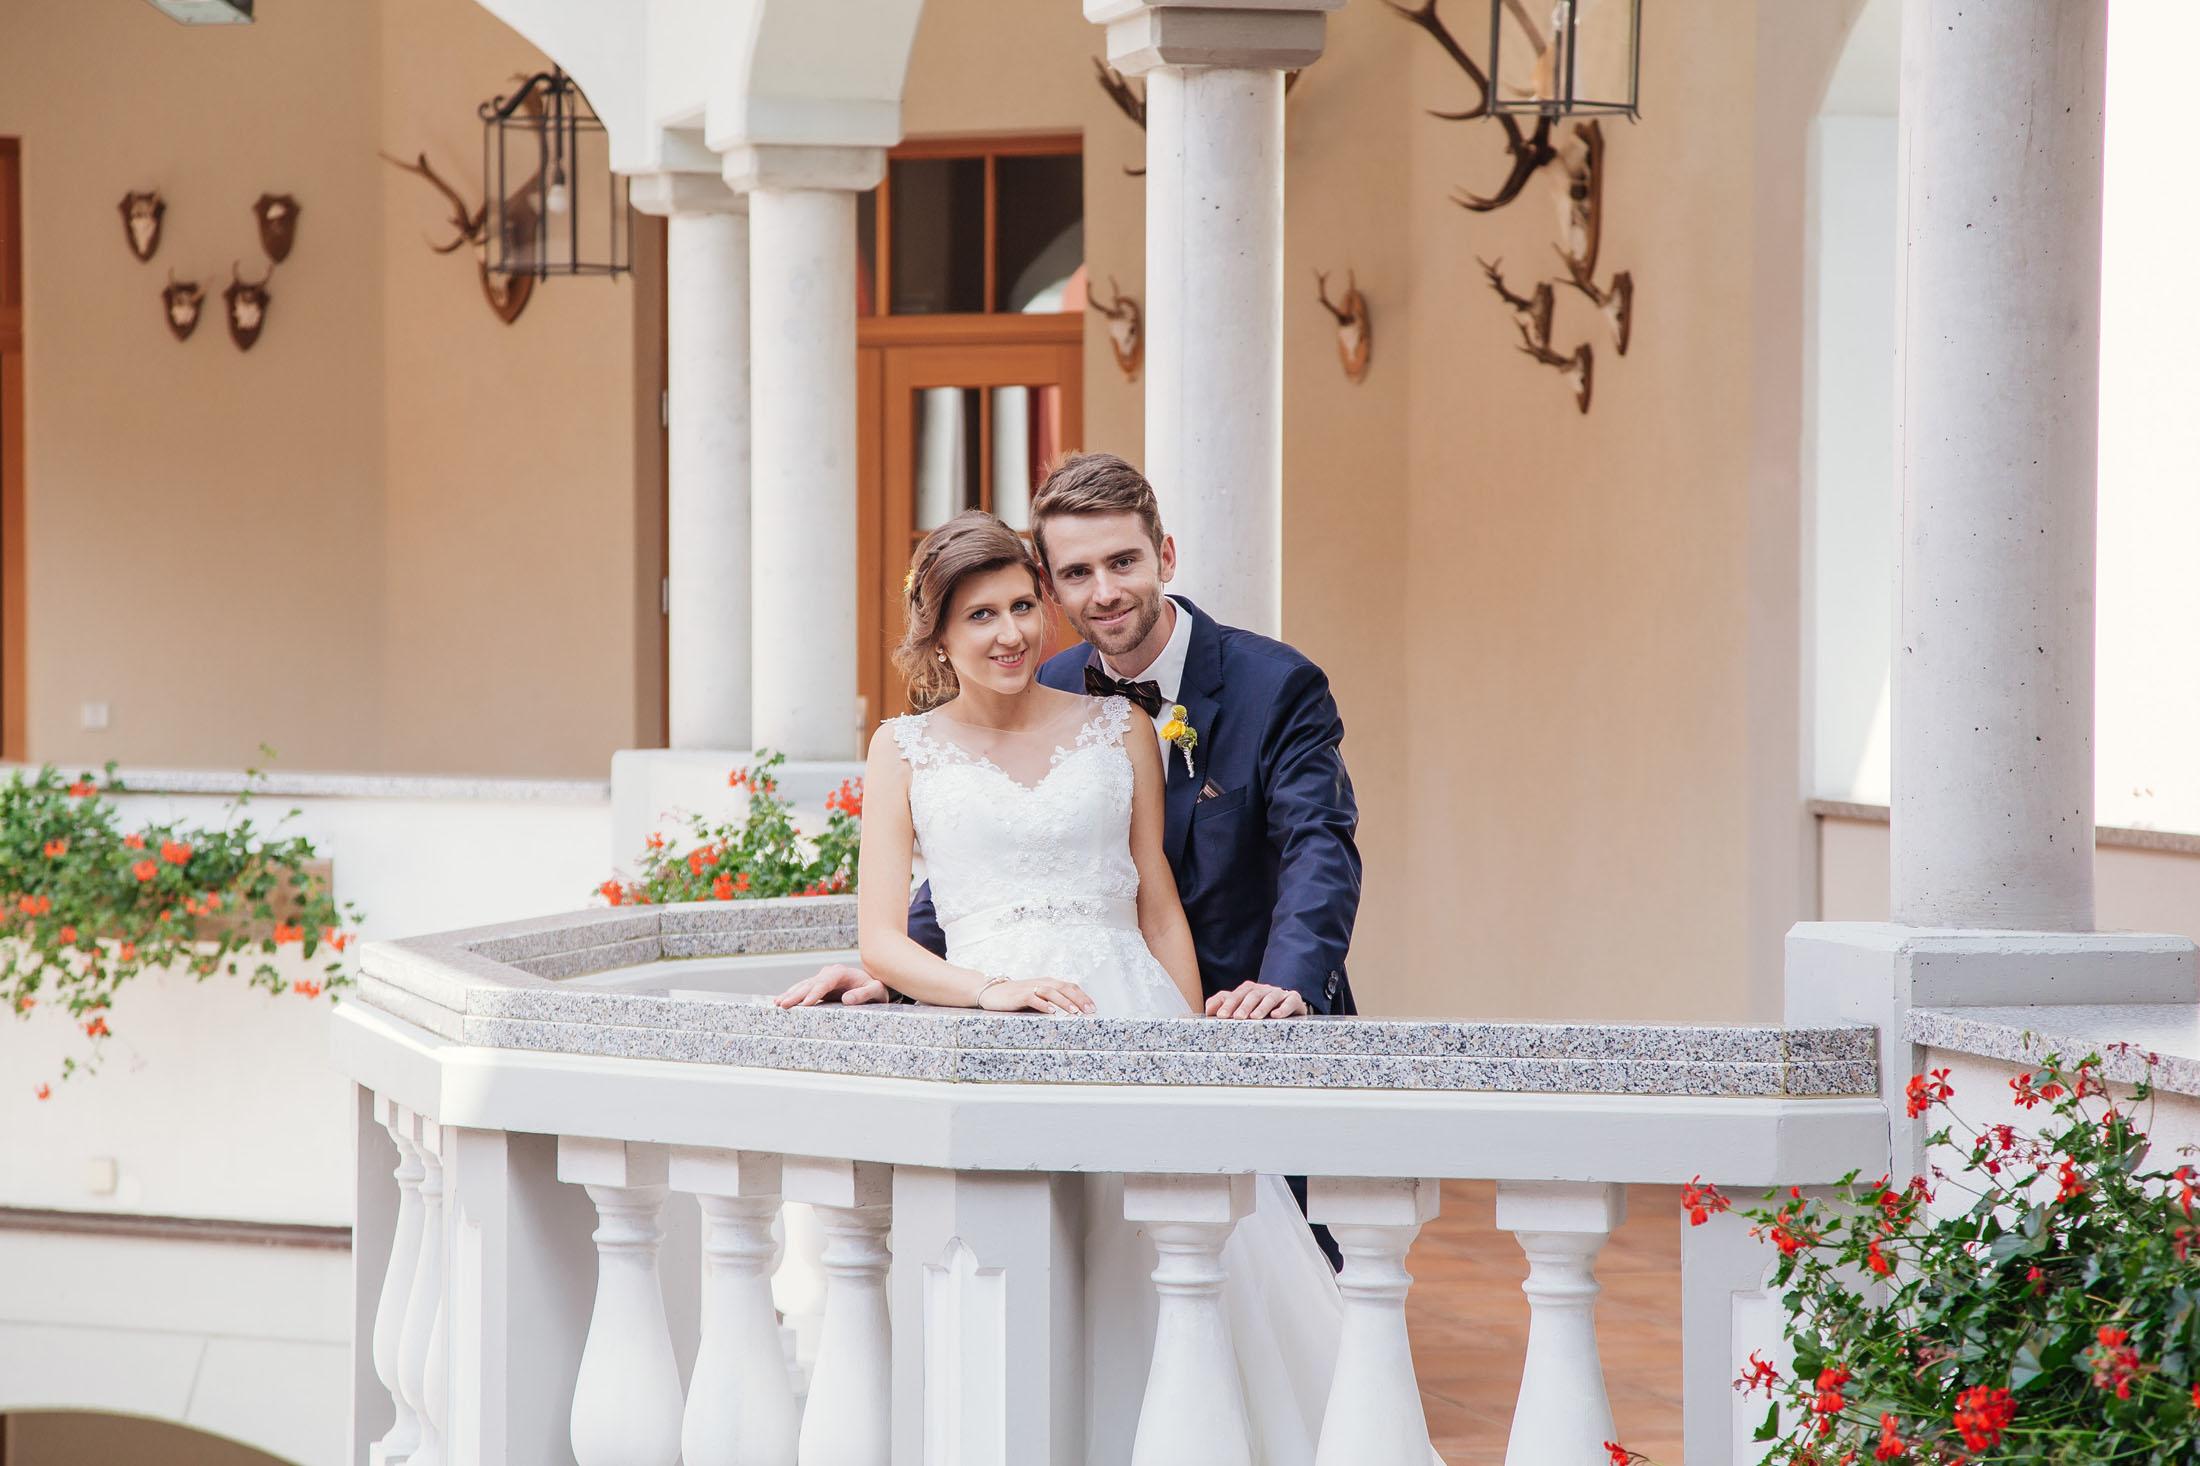 Hochzeit Karina & Johannes auf Balkon im Weinschloss Thaller